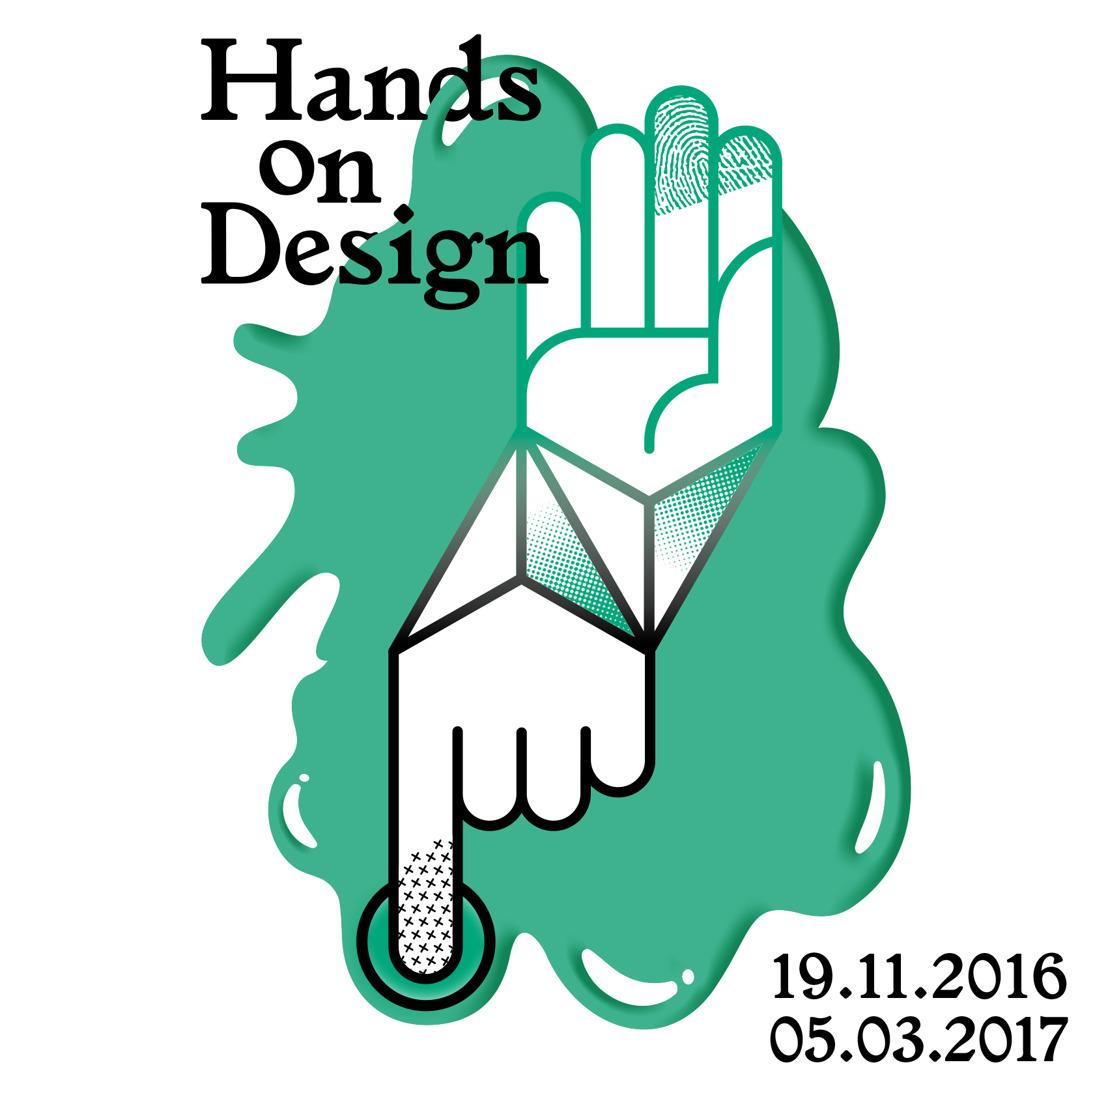 Uitnodiging persconferentie Hands on Design